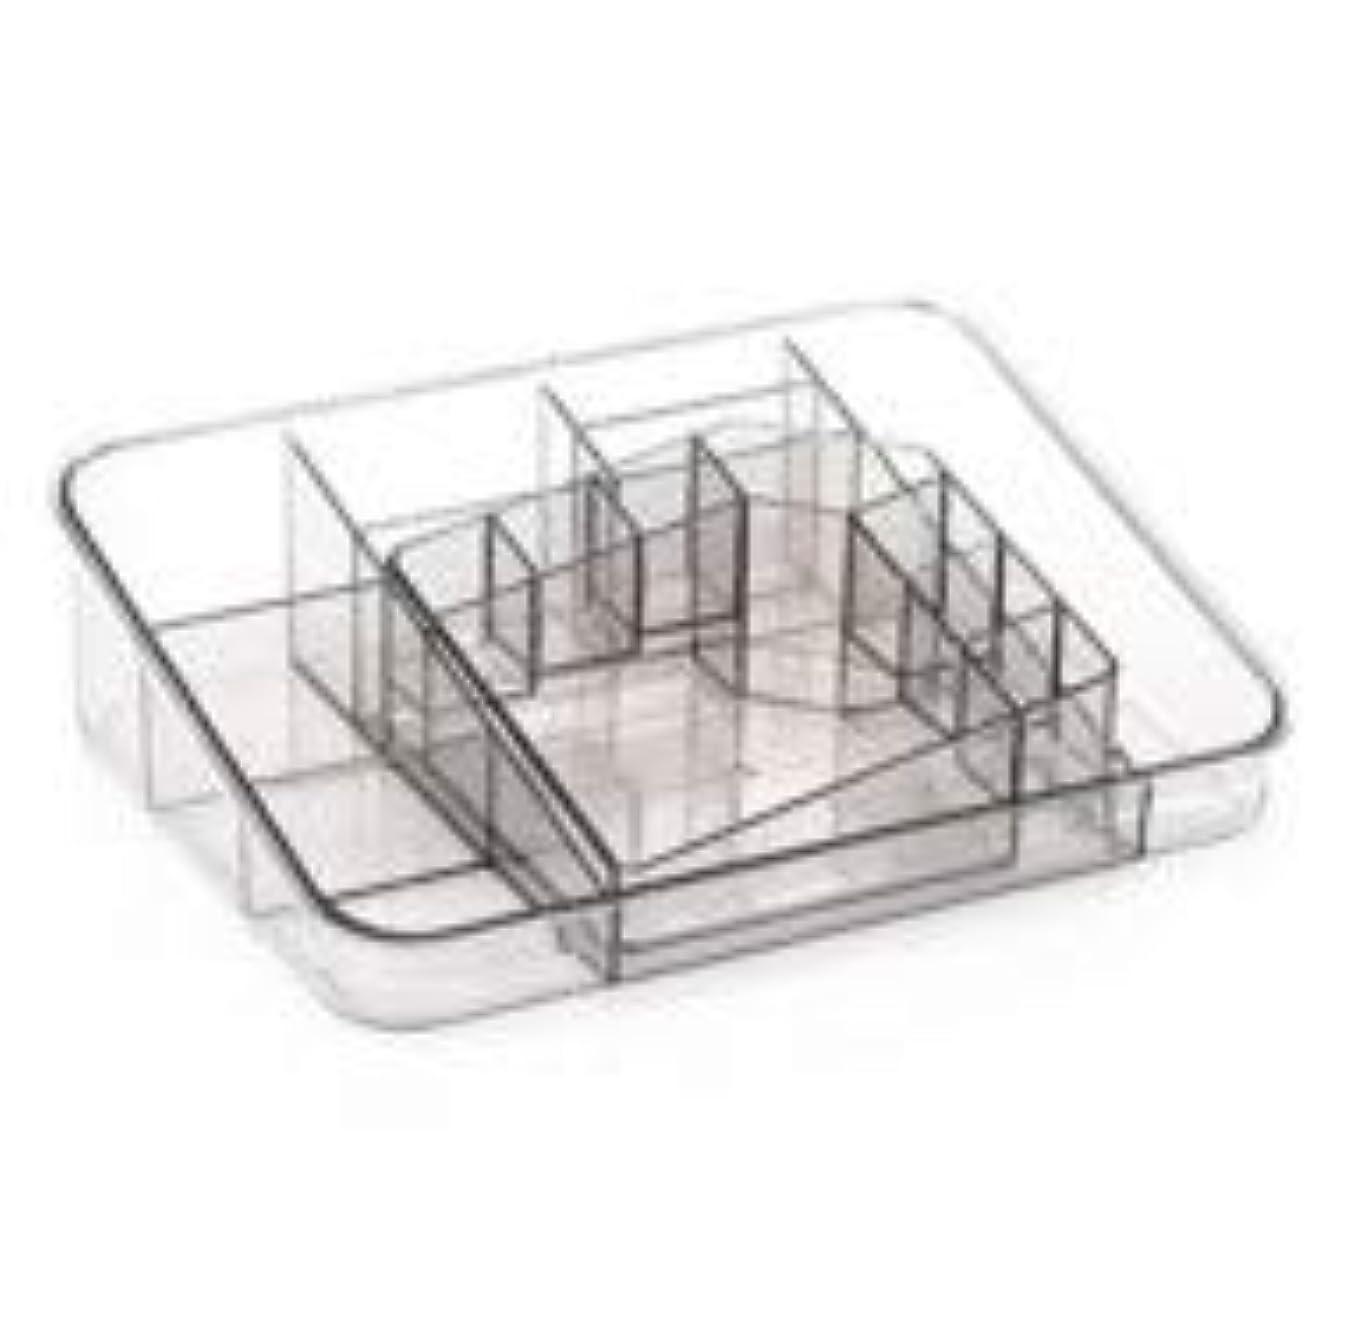 冷ややかな司令官優しさ透明アクリル化粧品収納ボックスサイズの組み合わせツーピース多分割化粧品デスクトップ仕上げボックス (Color : グレー)